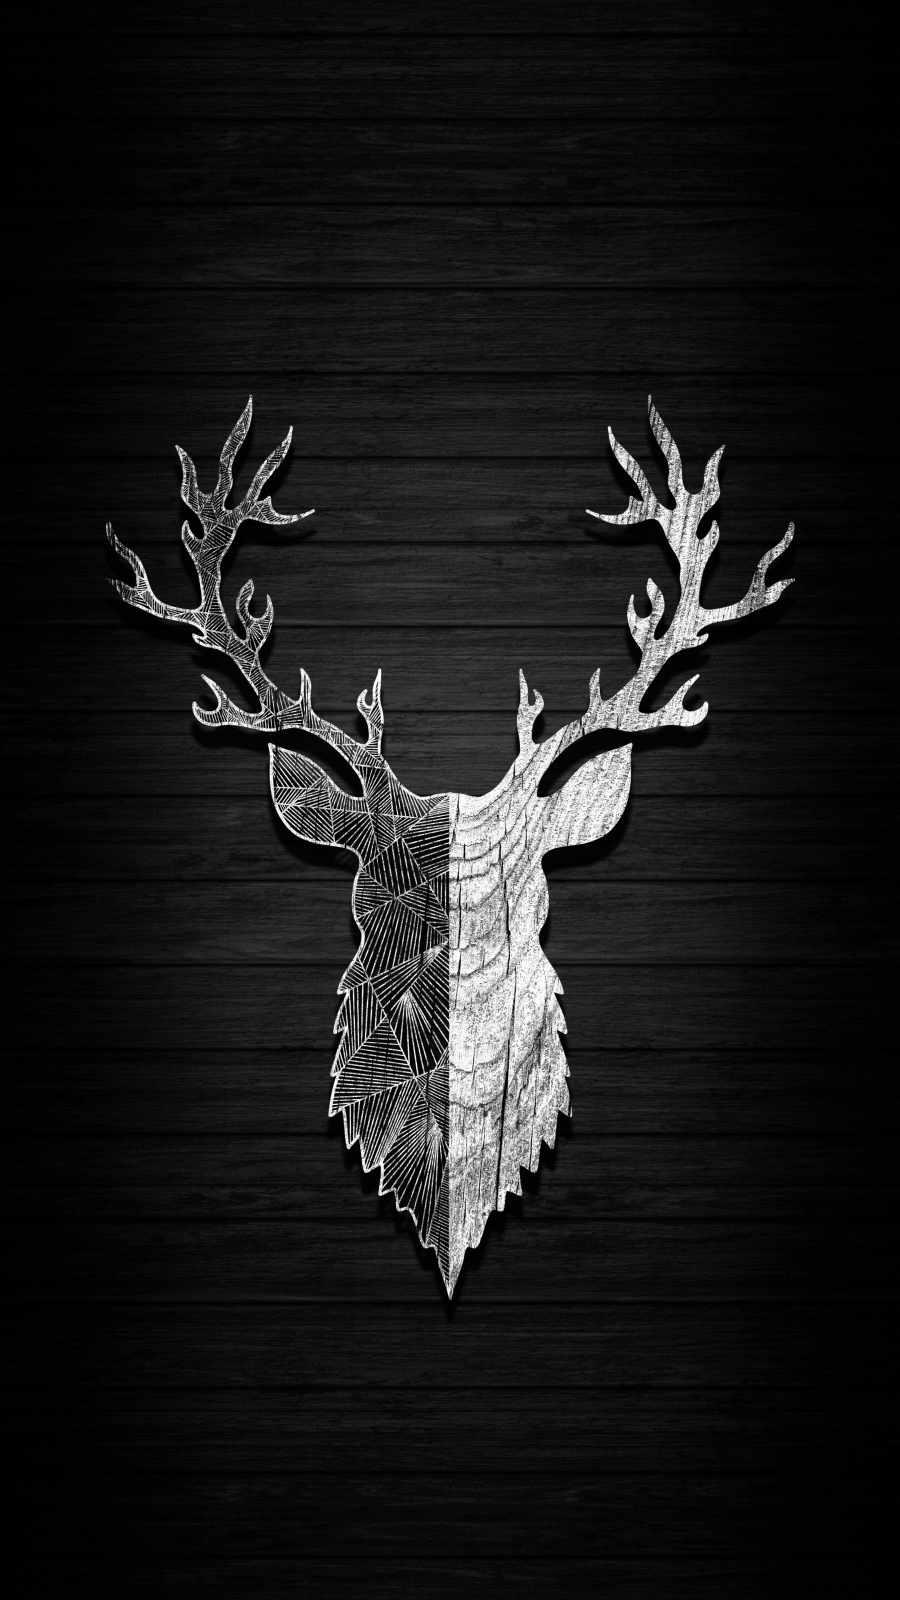 Deer Art iPhone Wallpaper